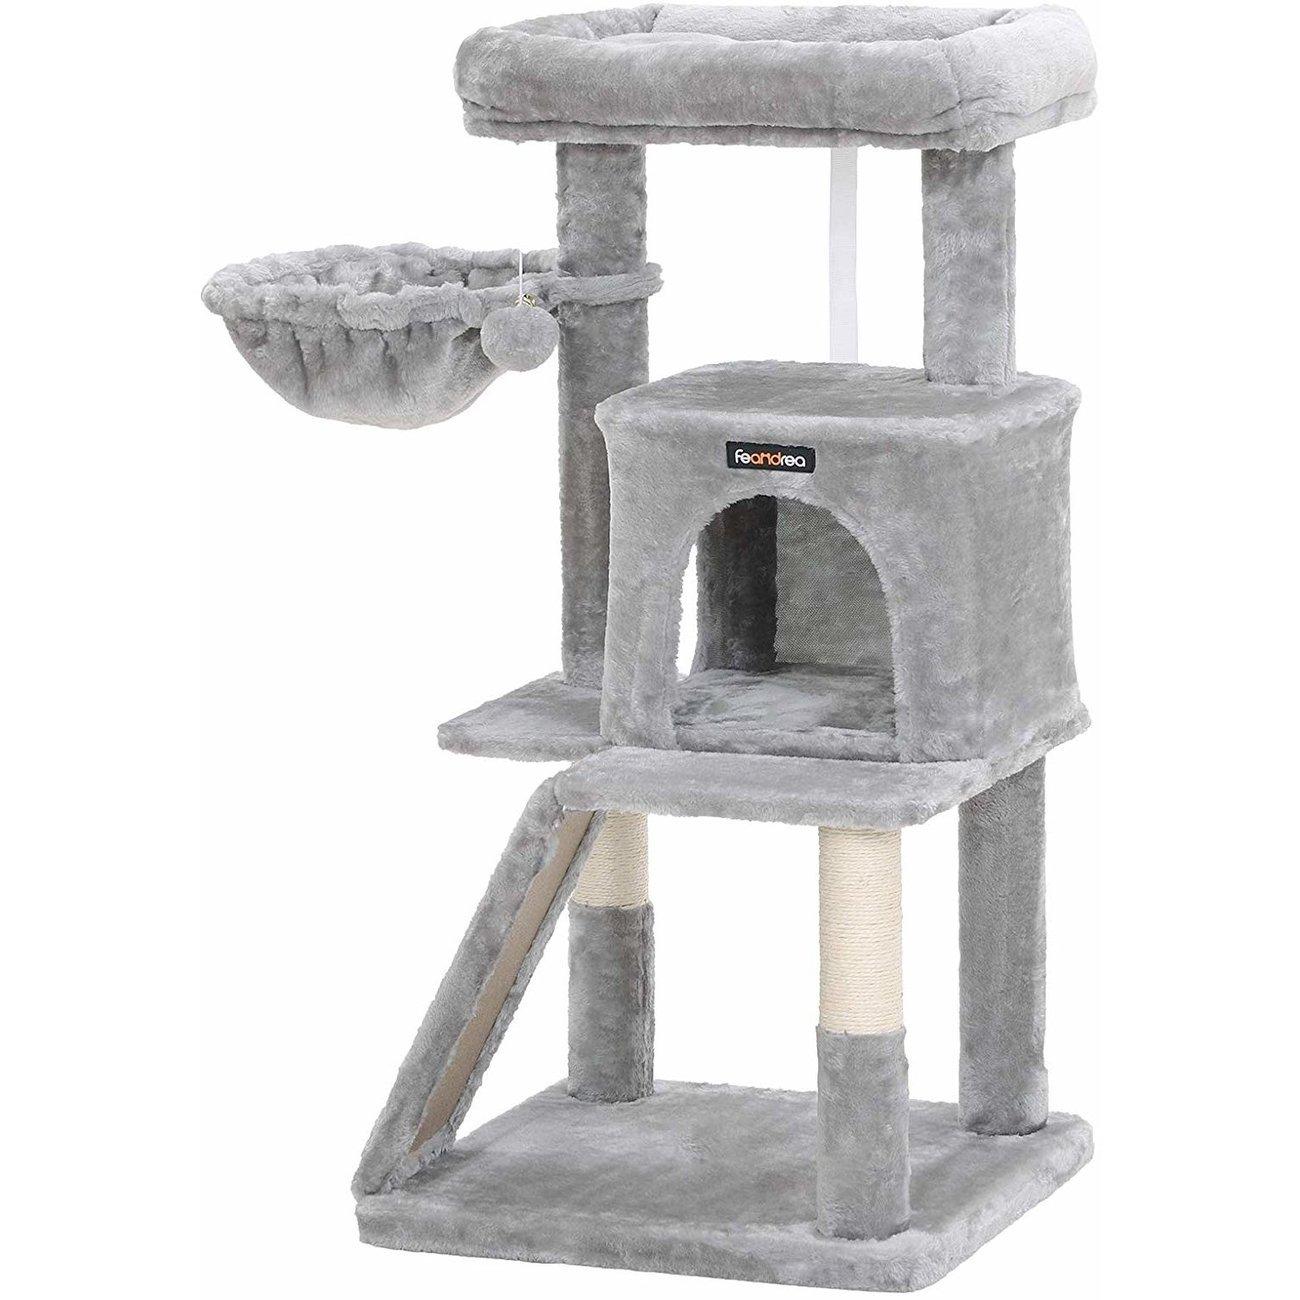 FEANDREA Katzenbaum, Kletterturm für Katzen mittel, Bild 4